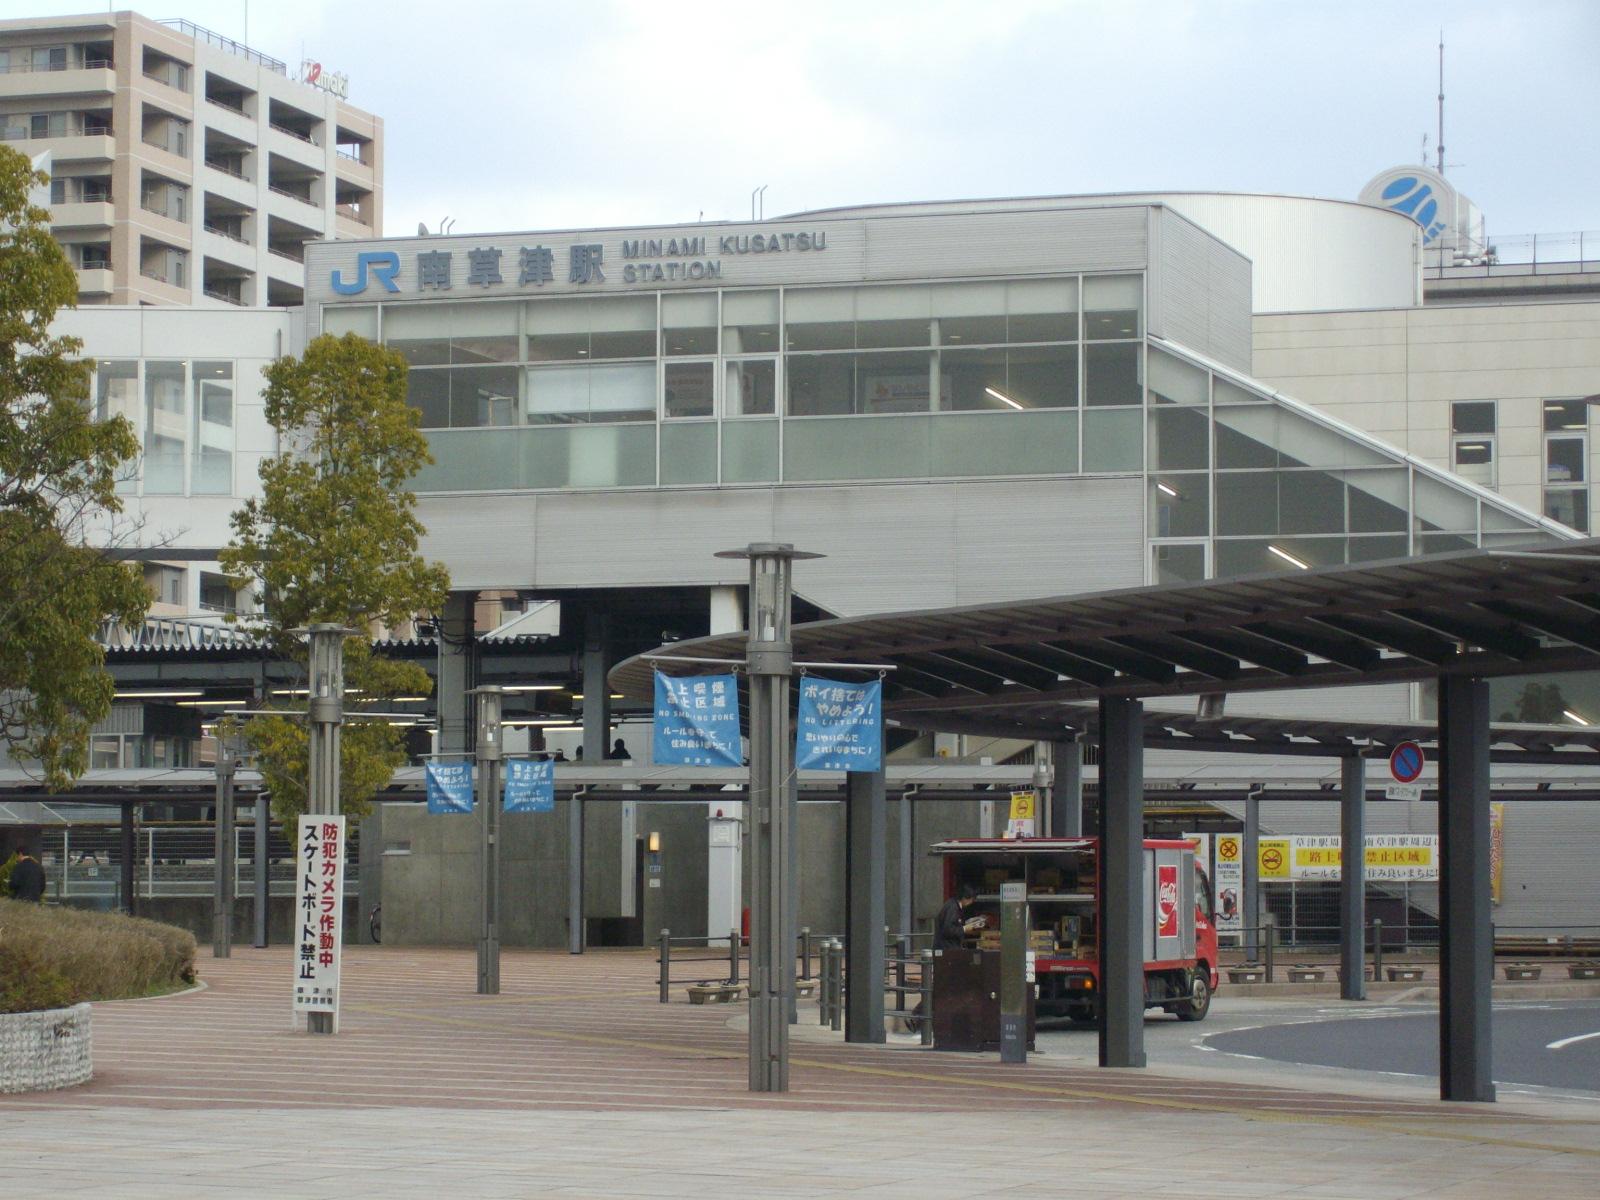 アーバンホテルオフィシャルブログ: 南草津駅 新快速停車!